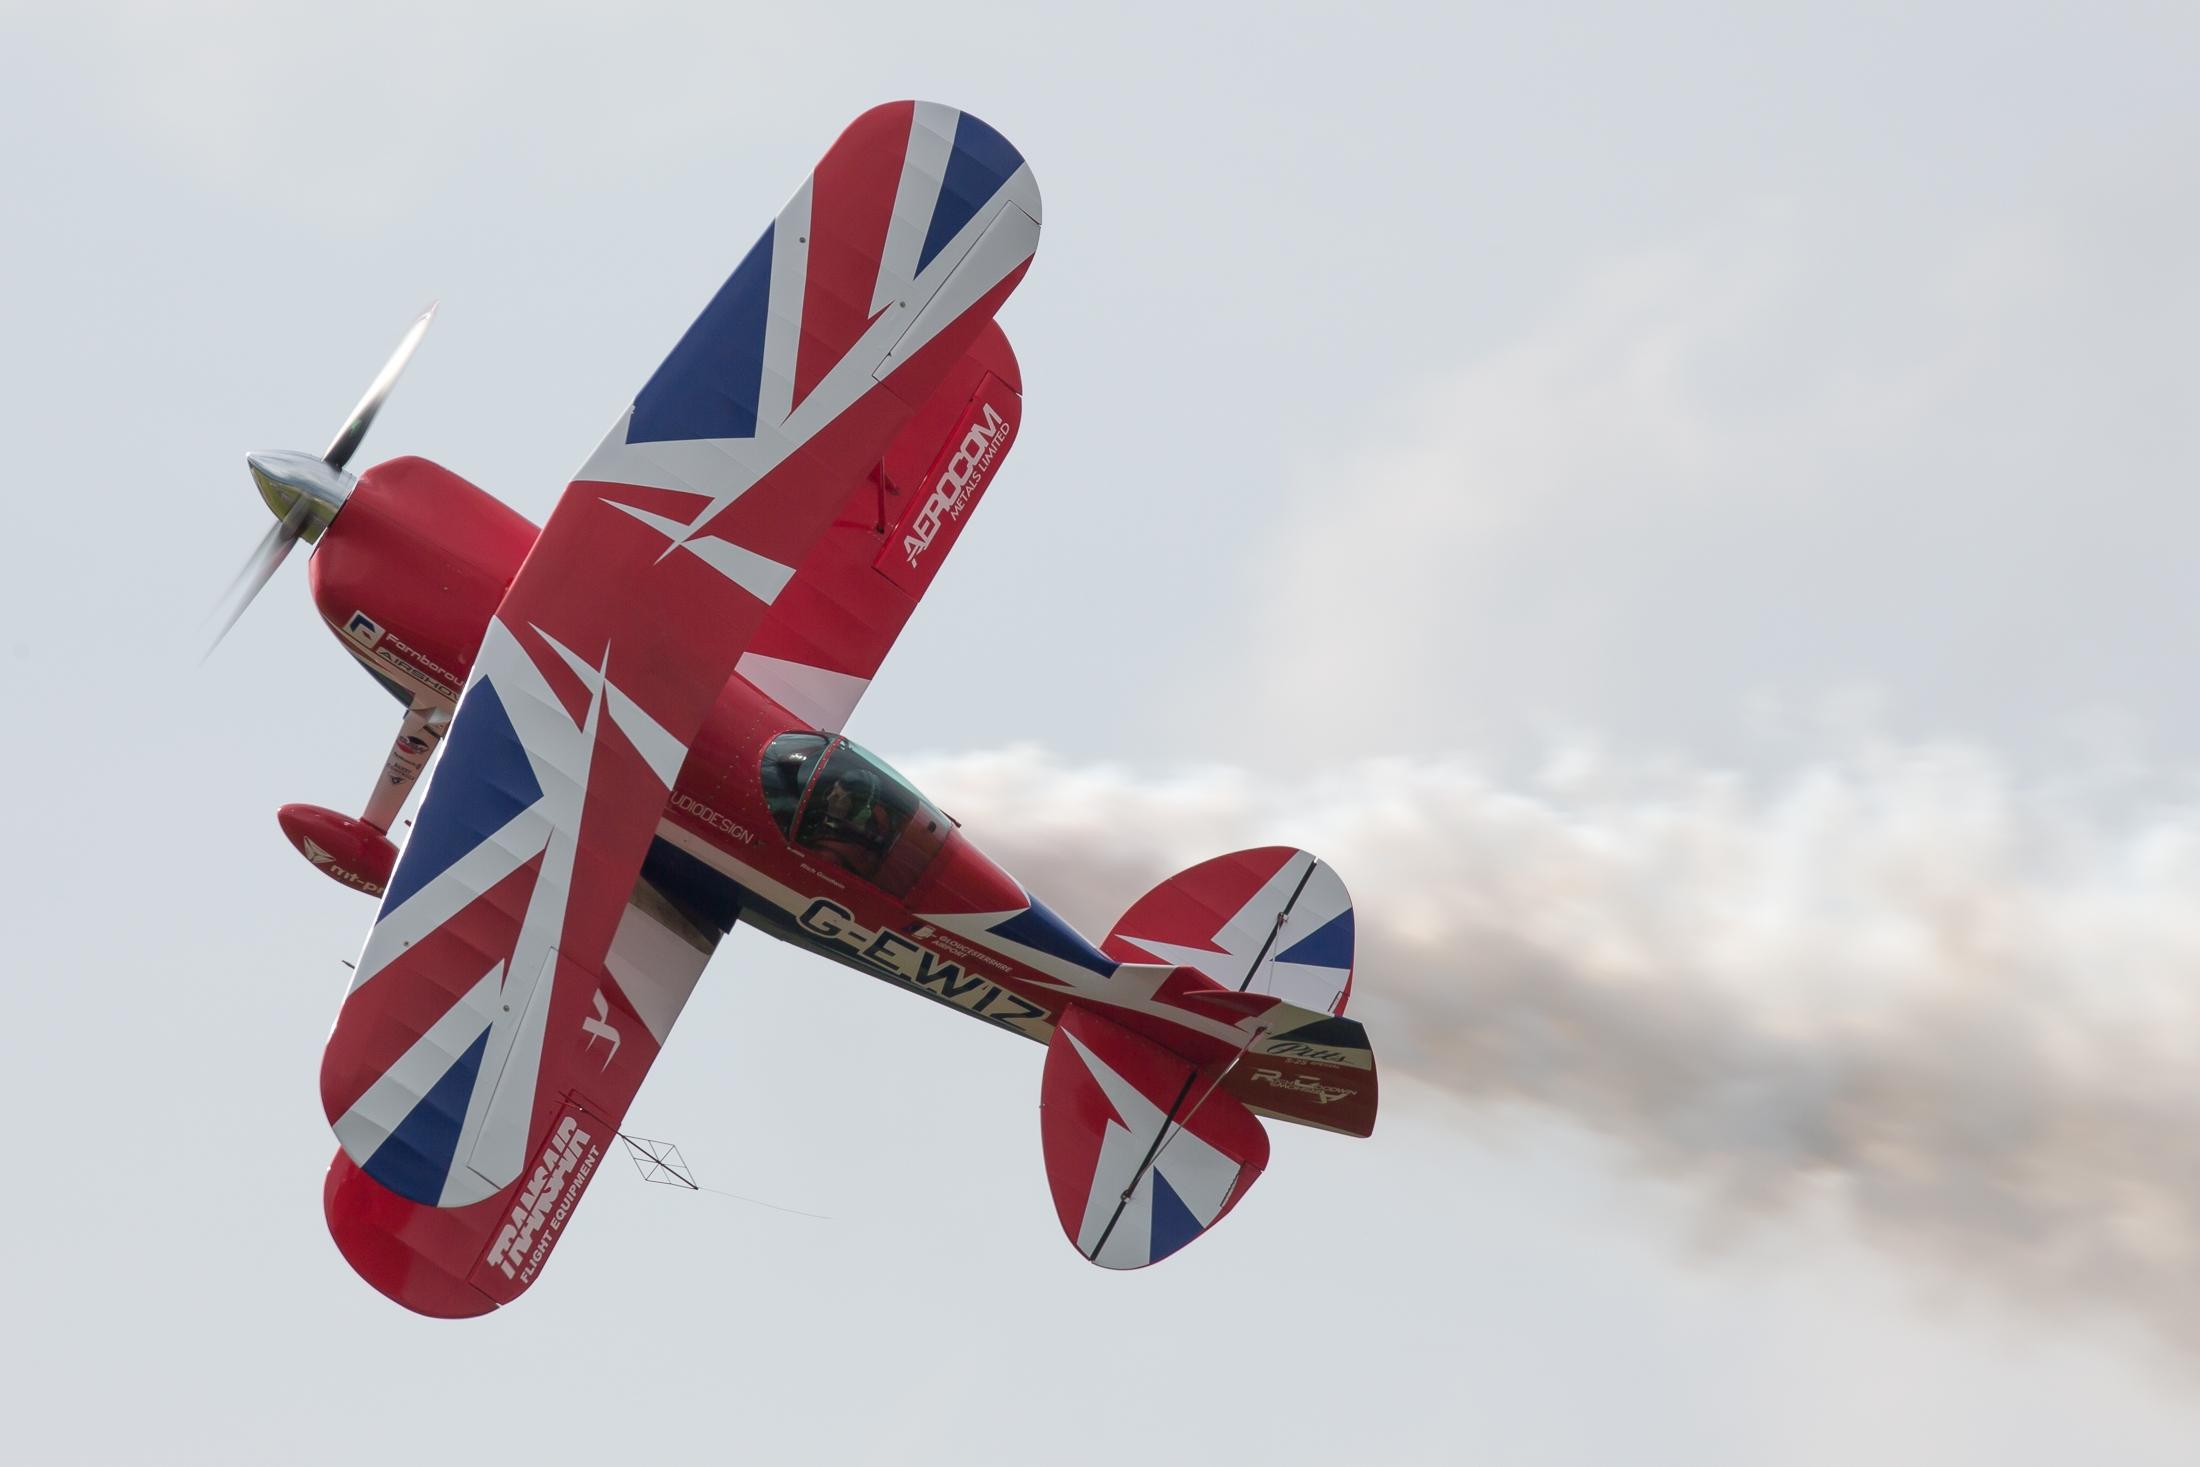 Biggin Hill Festival Of Flight >> Photos taken at Biggin Hill Festival of Flight Airshow